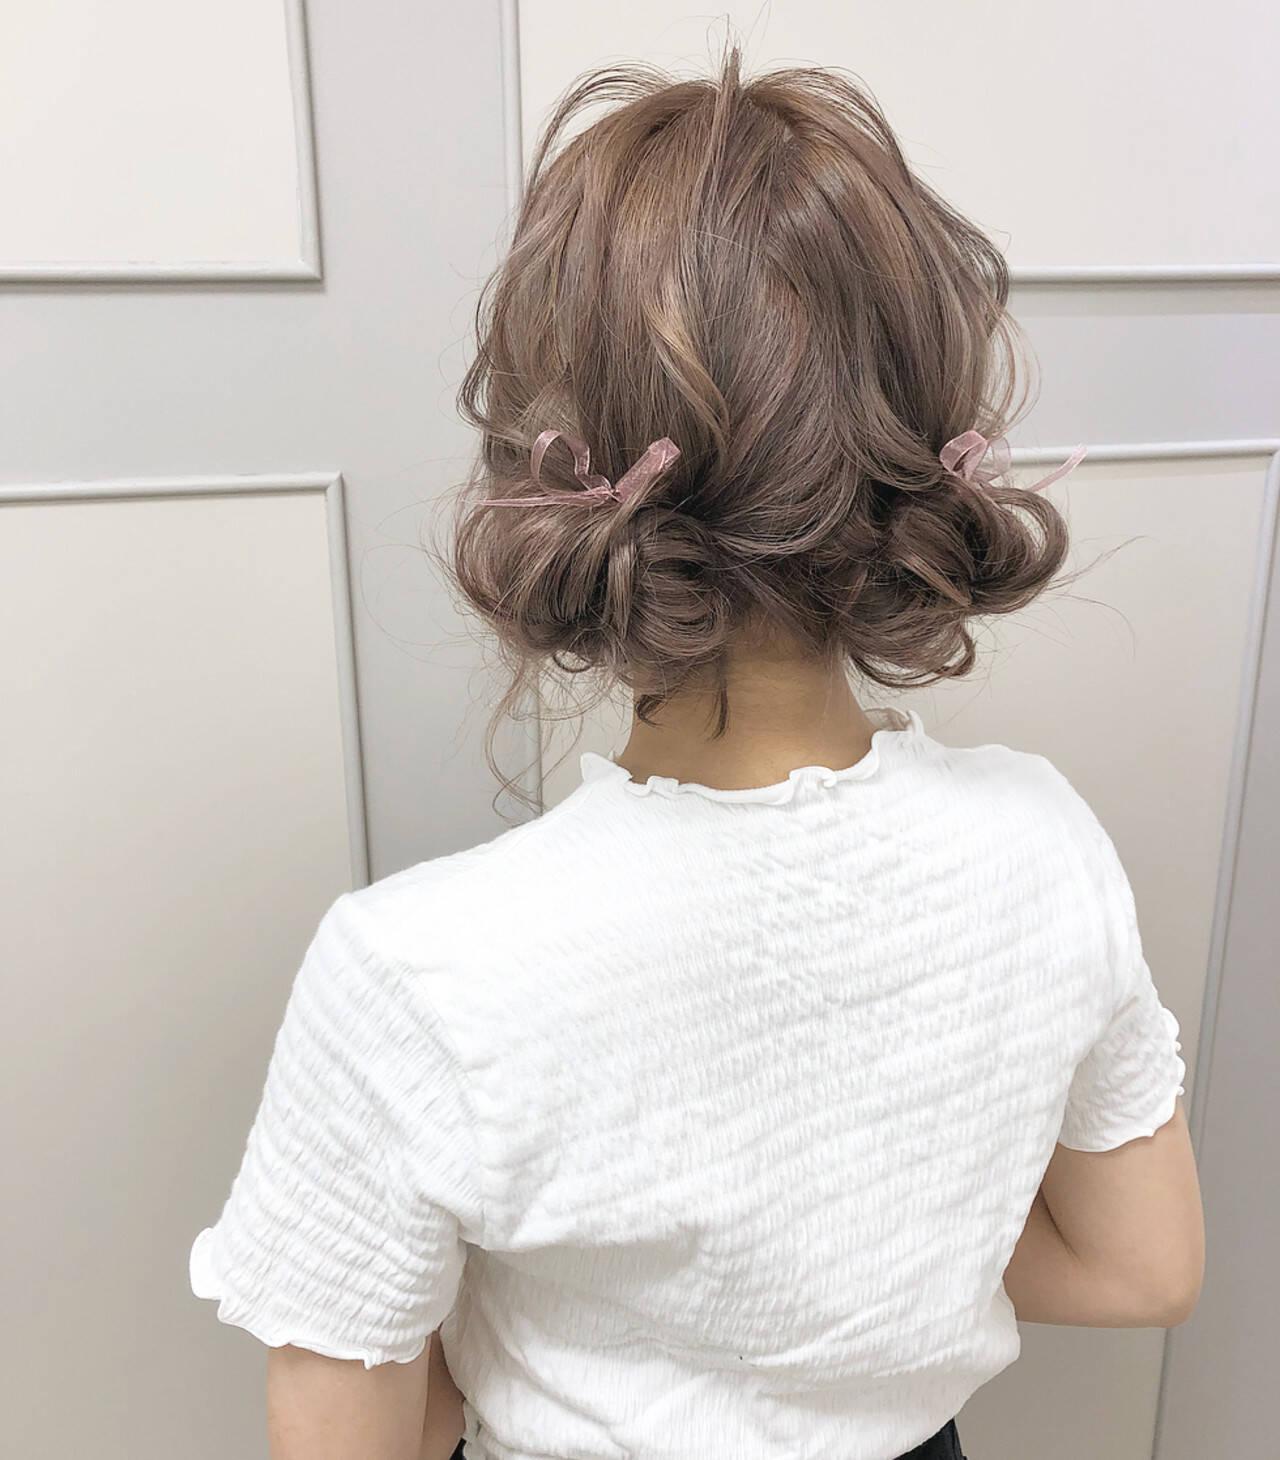 ガーリー ヘアアレンジ ミルクティー ミルクティーベージュヘアスタイルや髪型の写真・画像